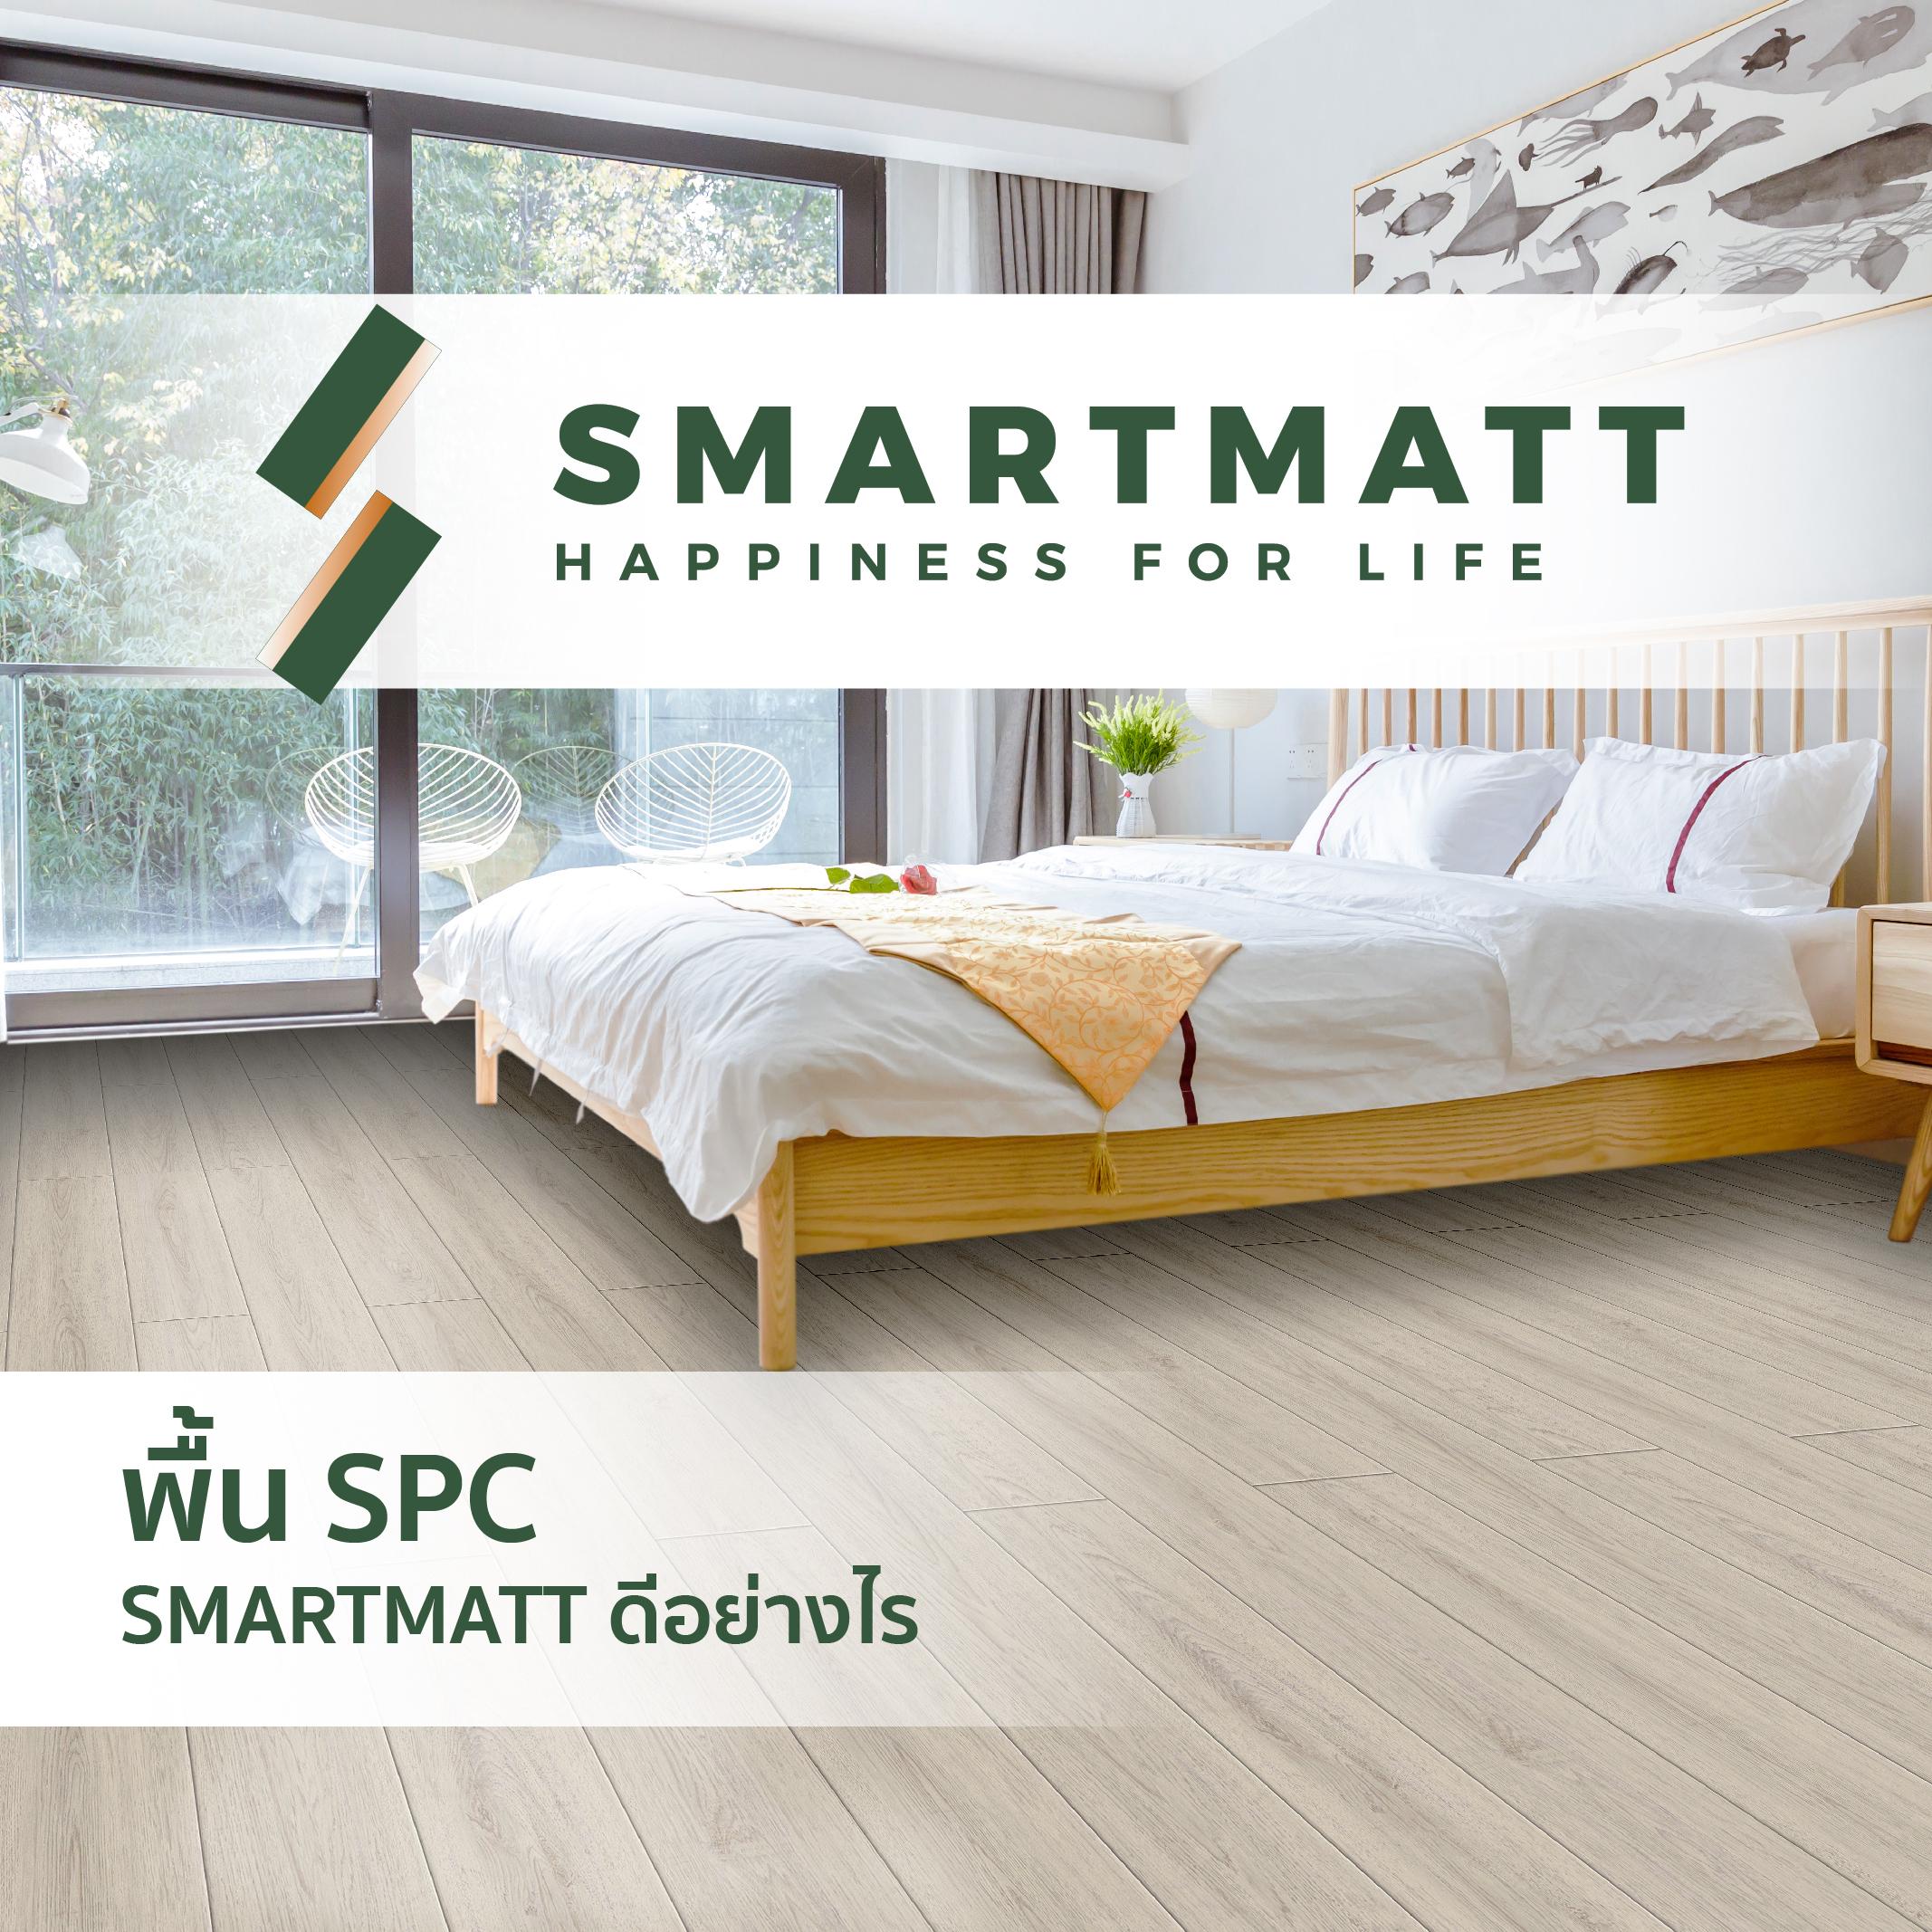 พื้น SPC SMARTMATT ดีอย่างไร